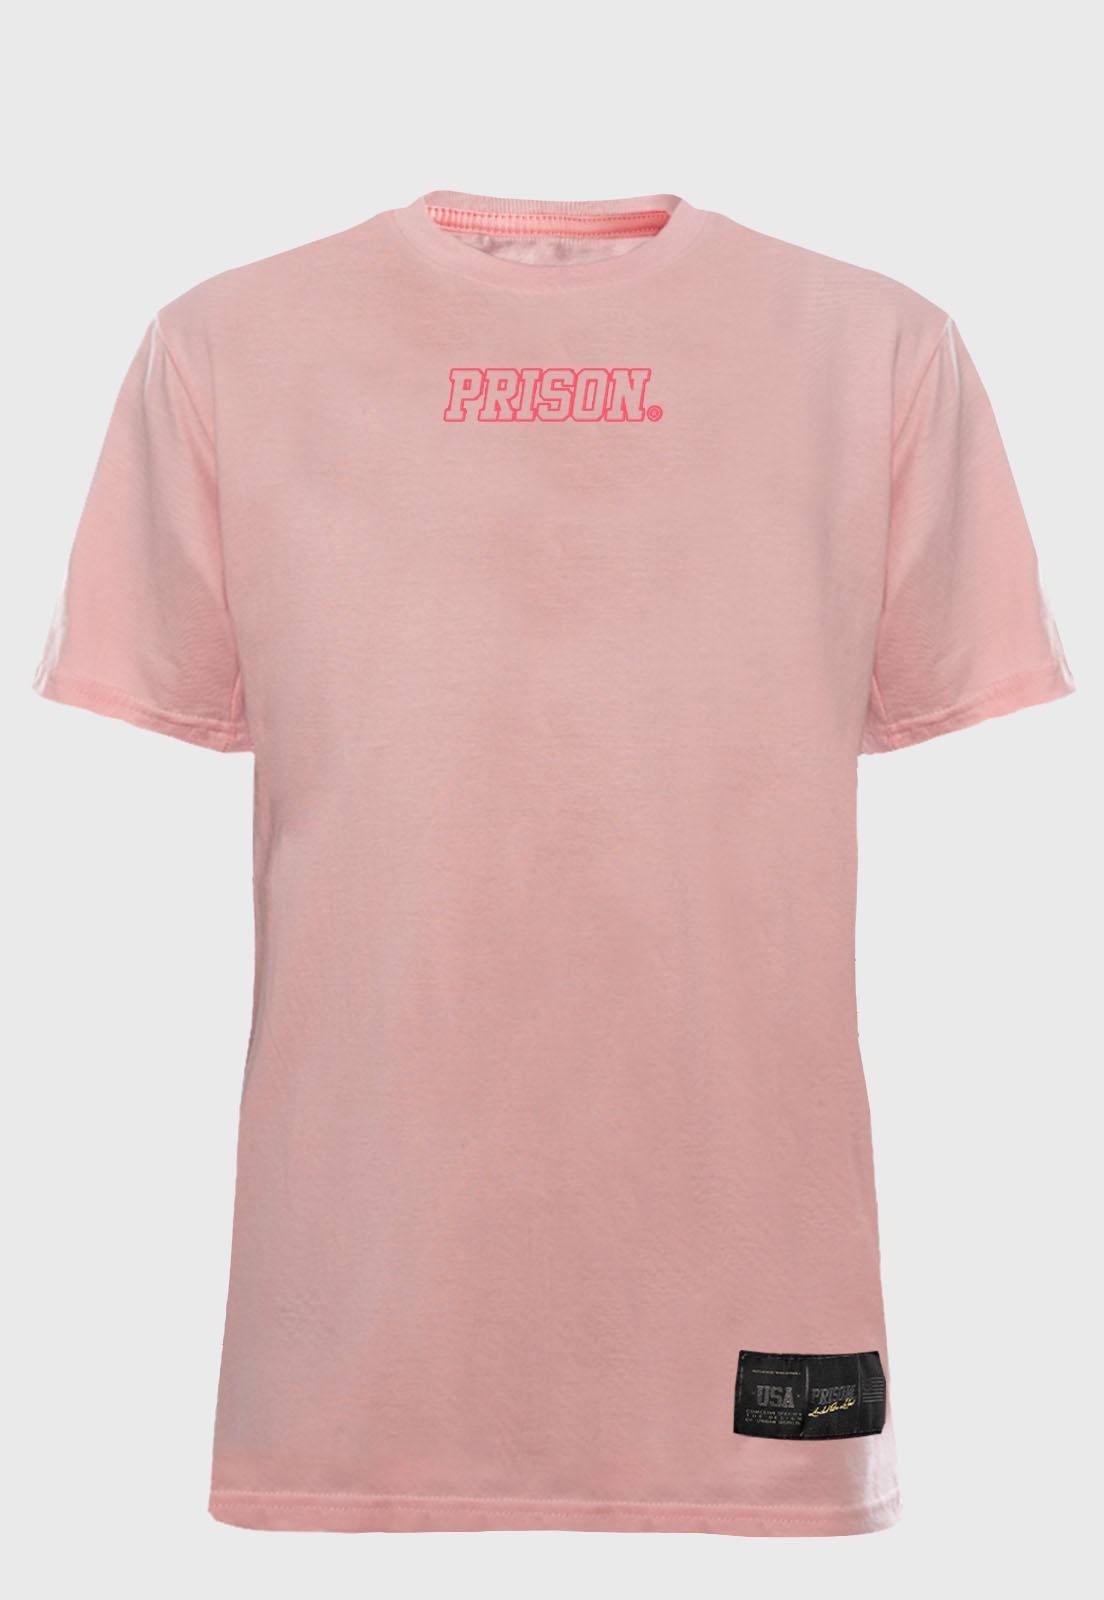 Camiseta Streetwear Prison Logo Pink